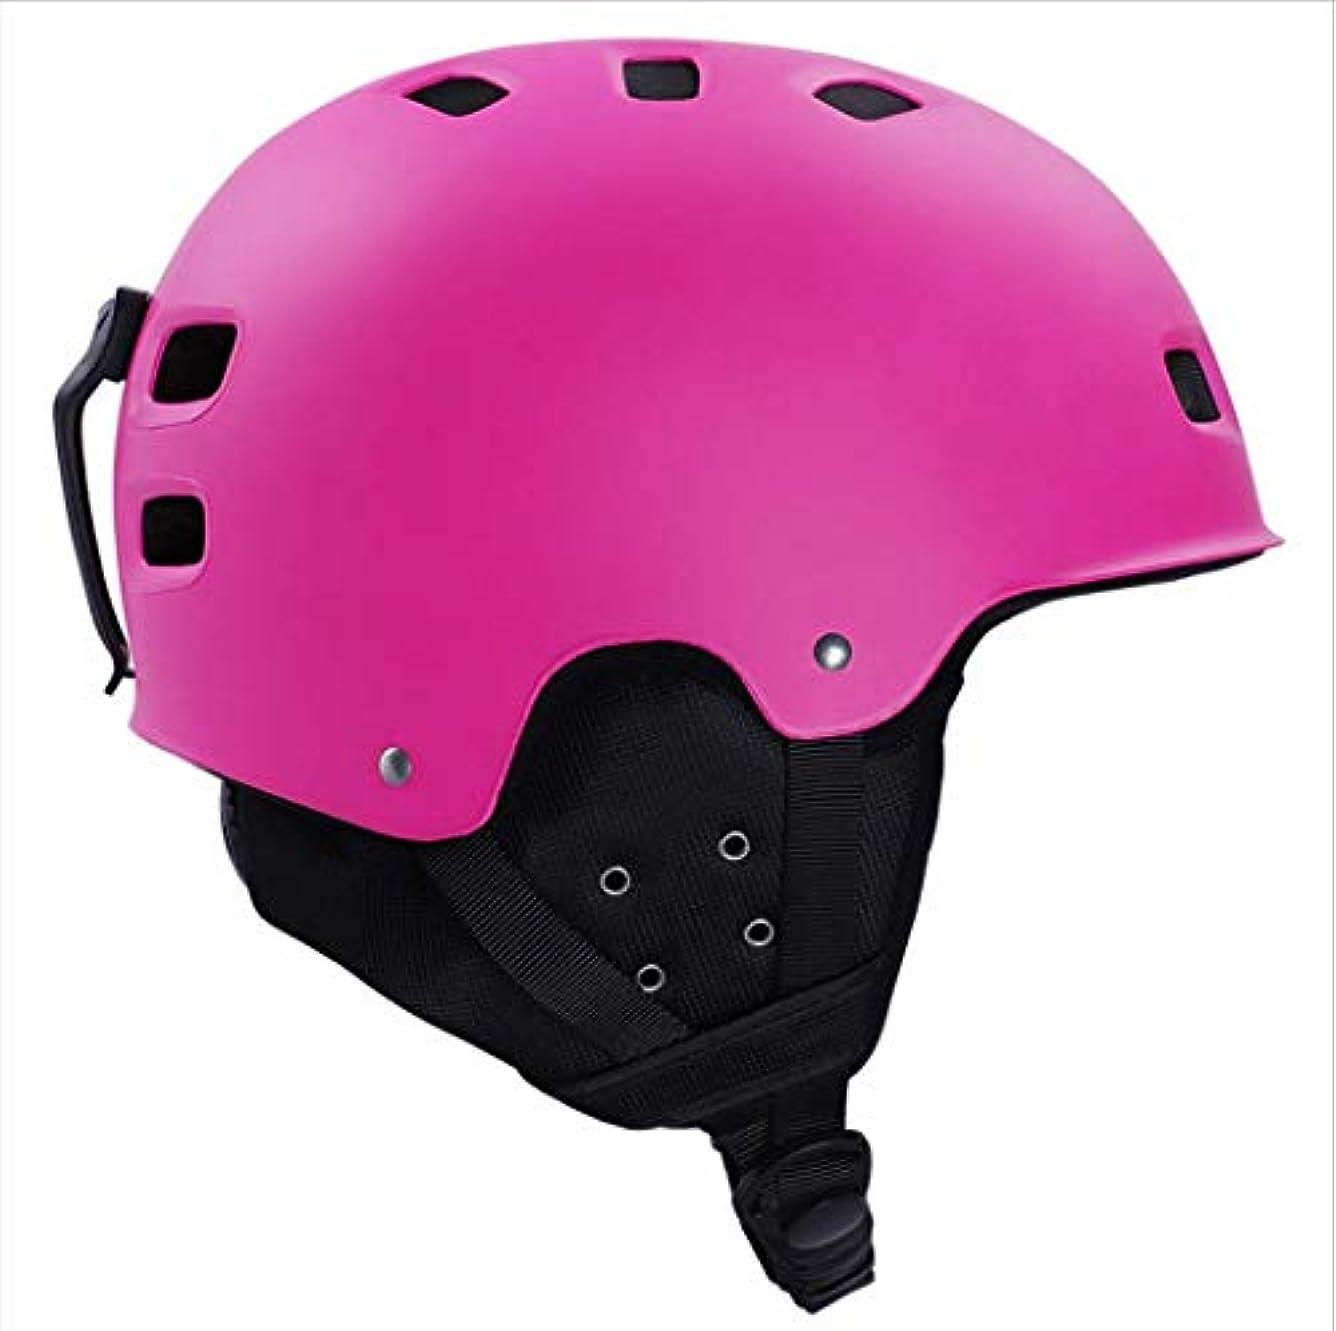 側ガソリンピット自転車ヘルメット、軽いサイクリングヘルメット pc 屋外自転車ヘルメットを調整しやすい男性と女性ユーススポーツヘルメット (頭囲 58-61cm)